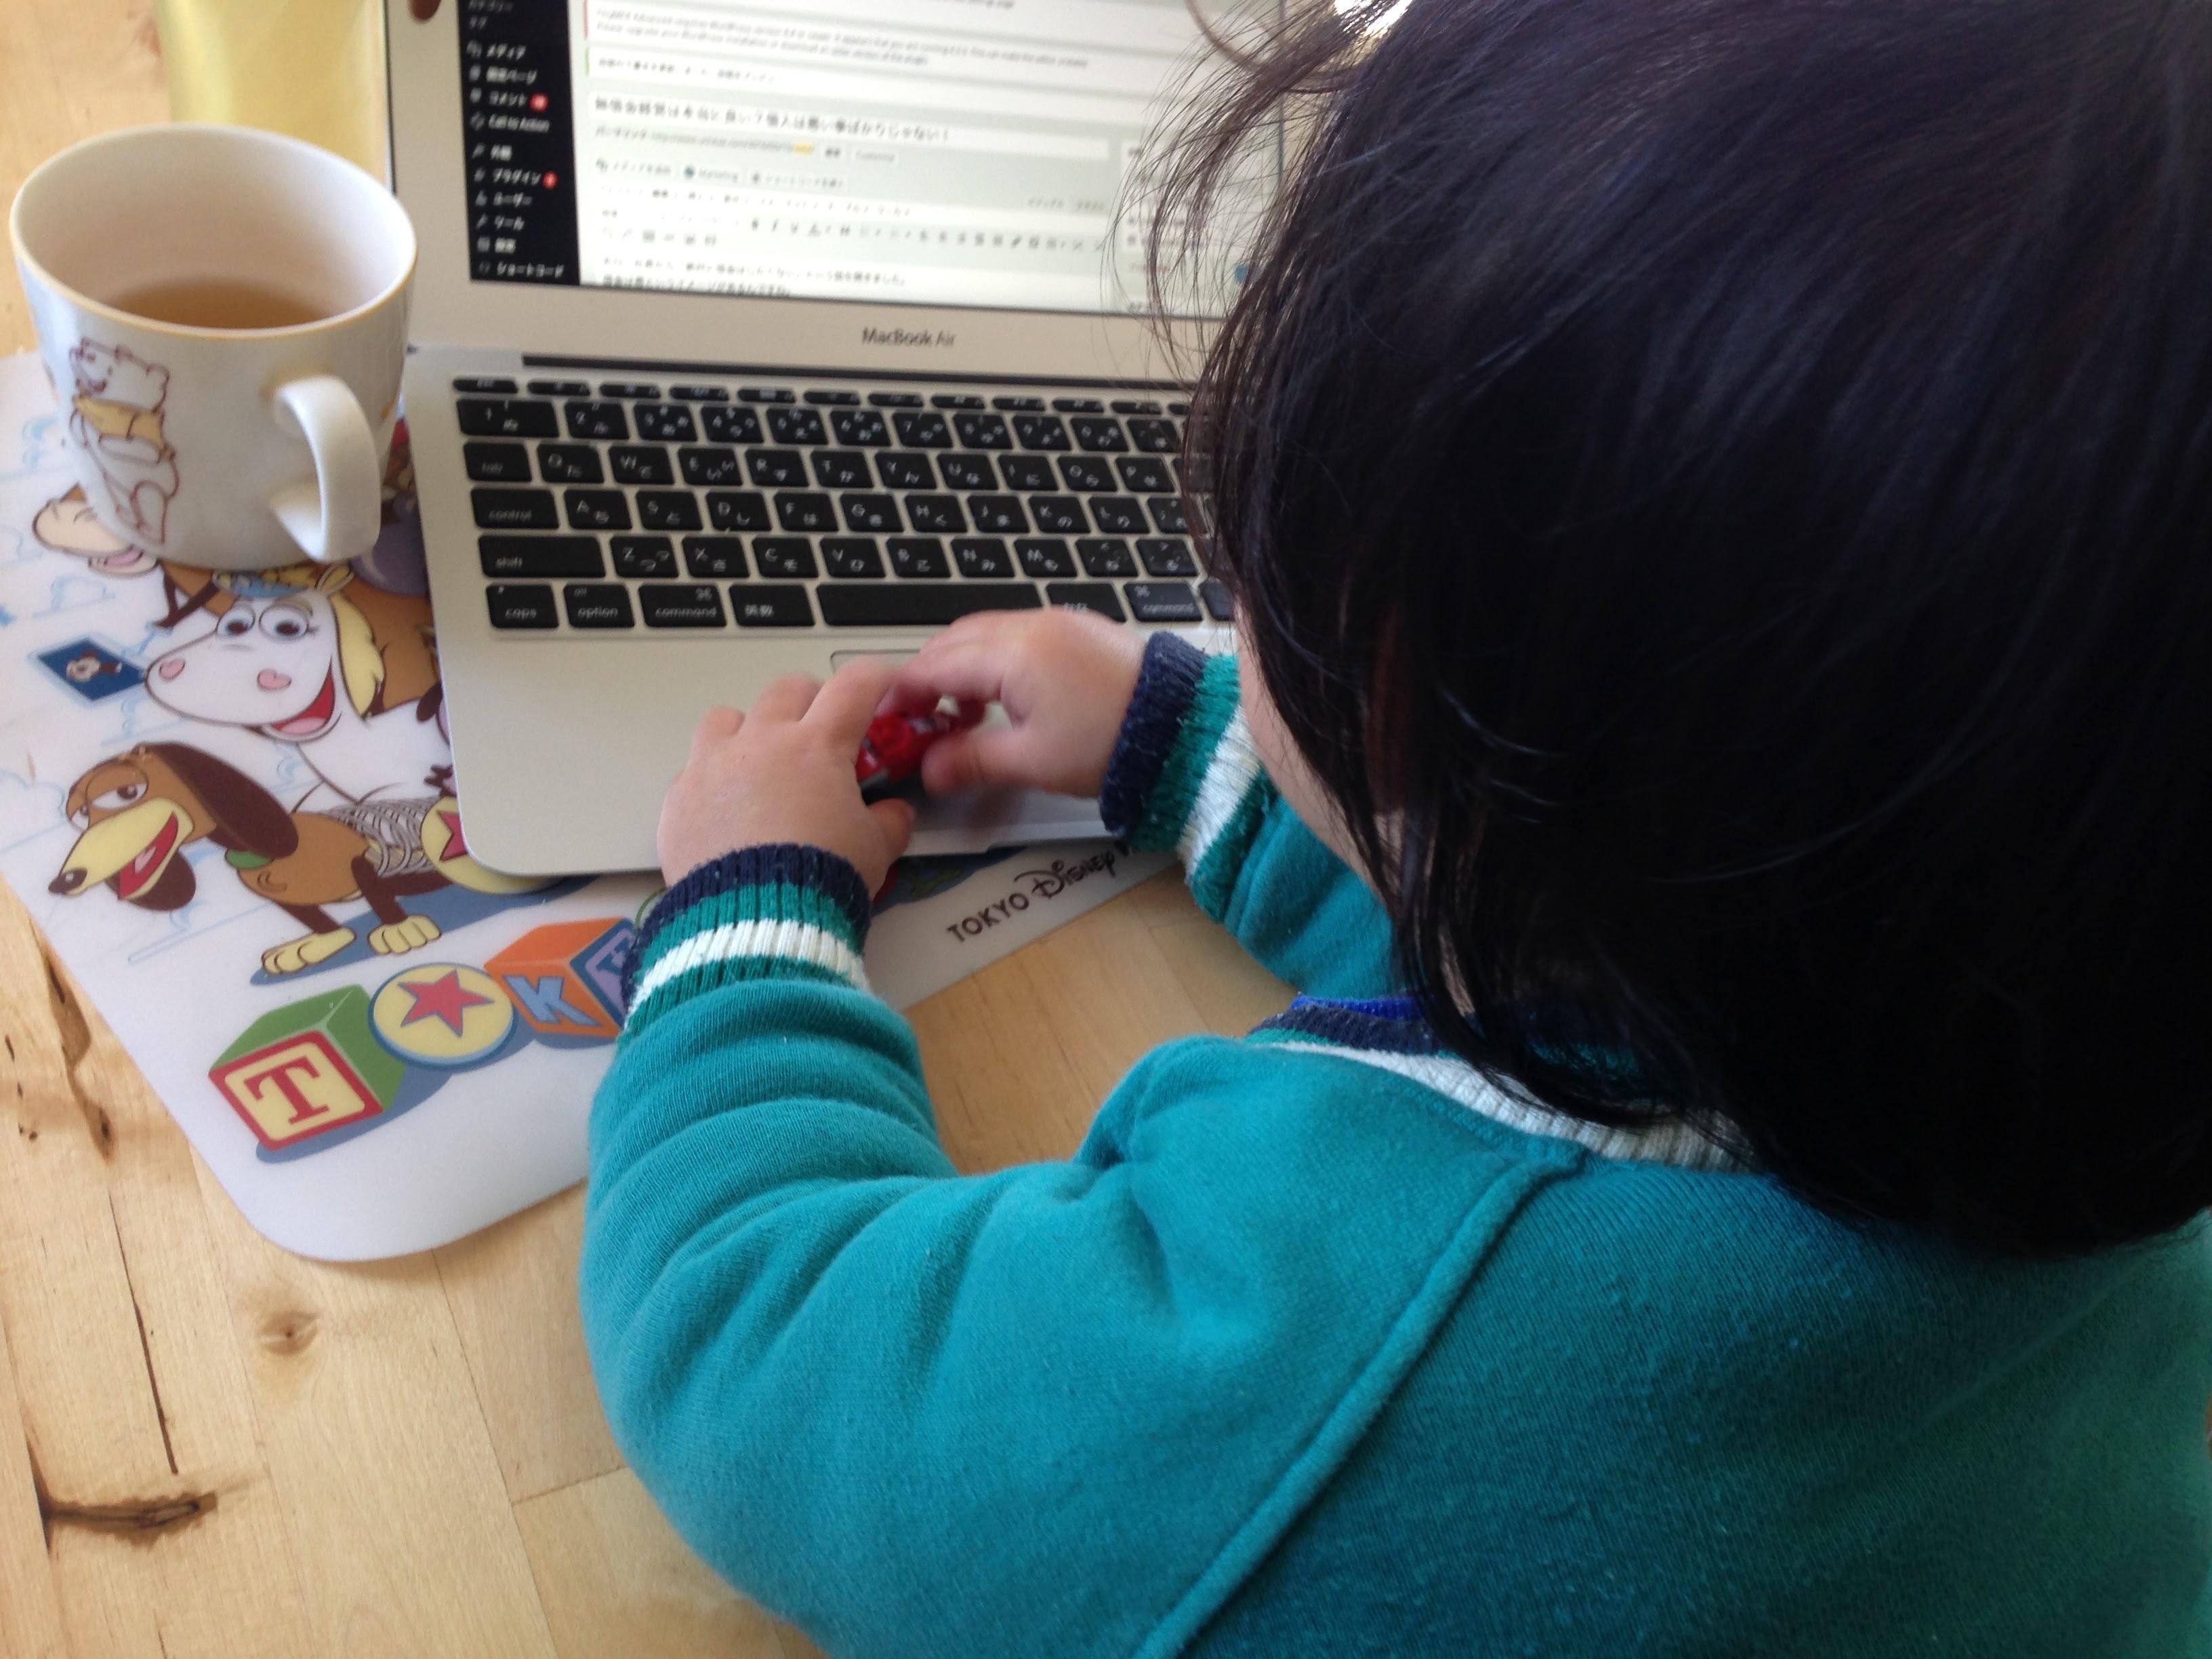 4歳の次男がパソコン欲しいと言い出した。ひとまず古いスマホ・パソコンを与えて様子みる